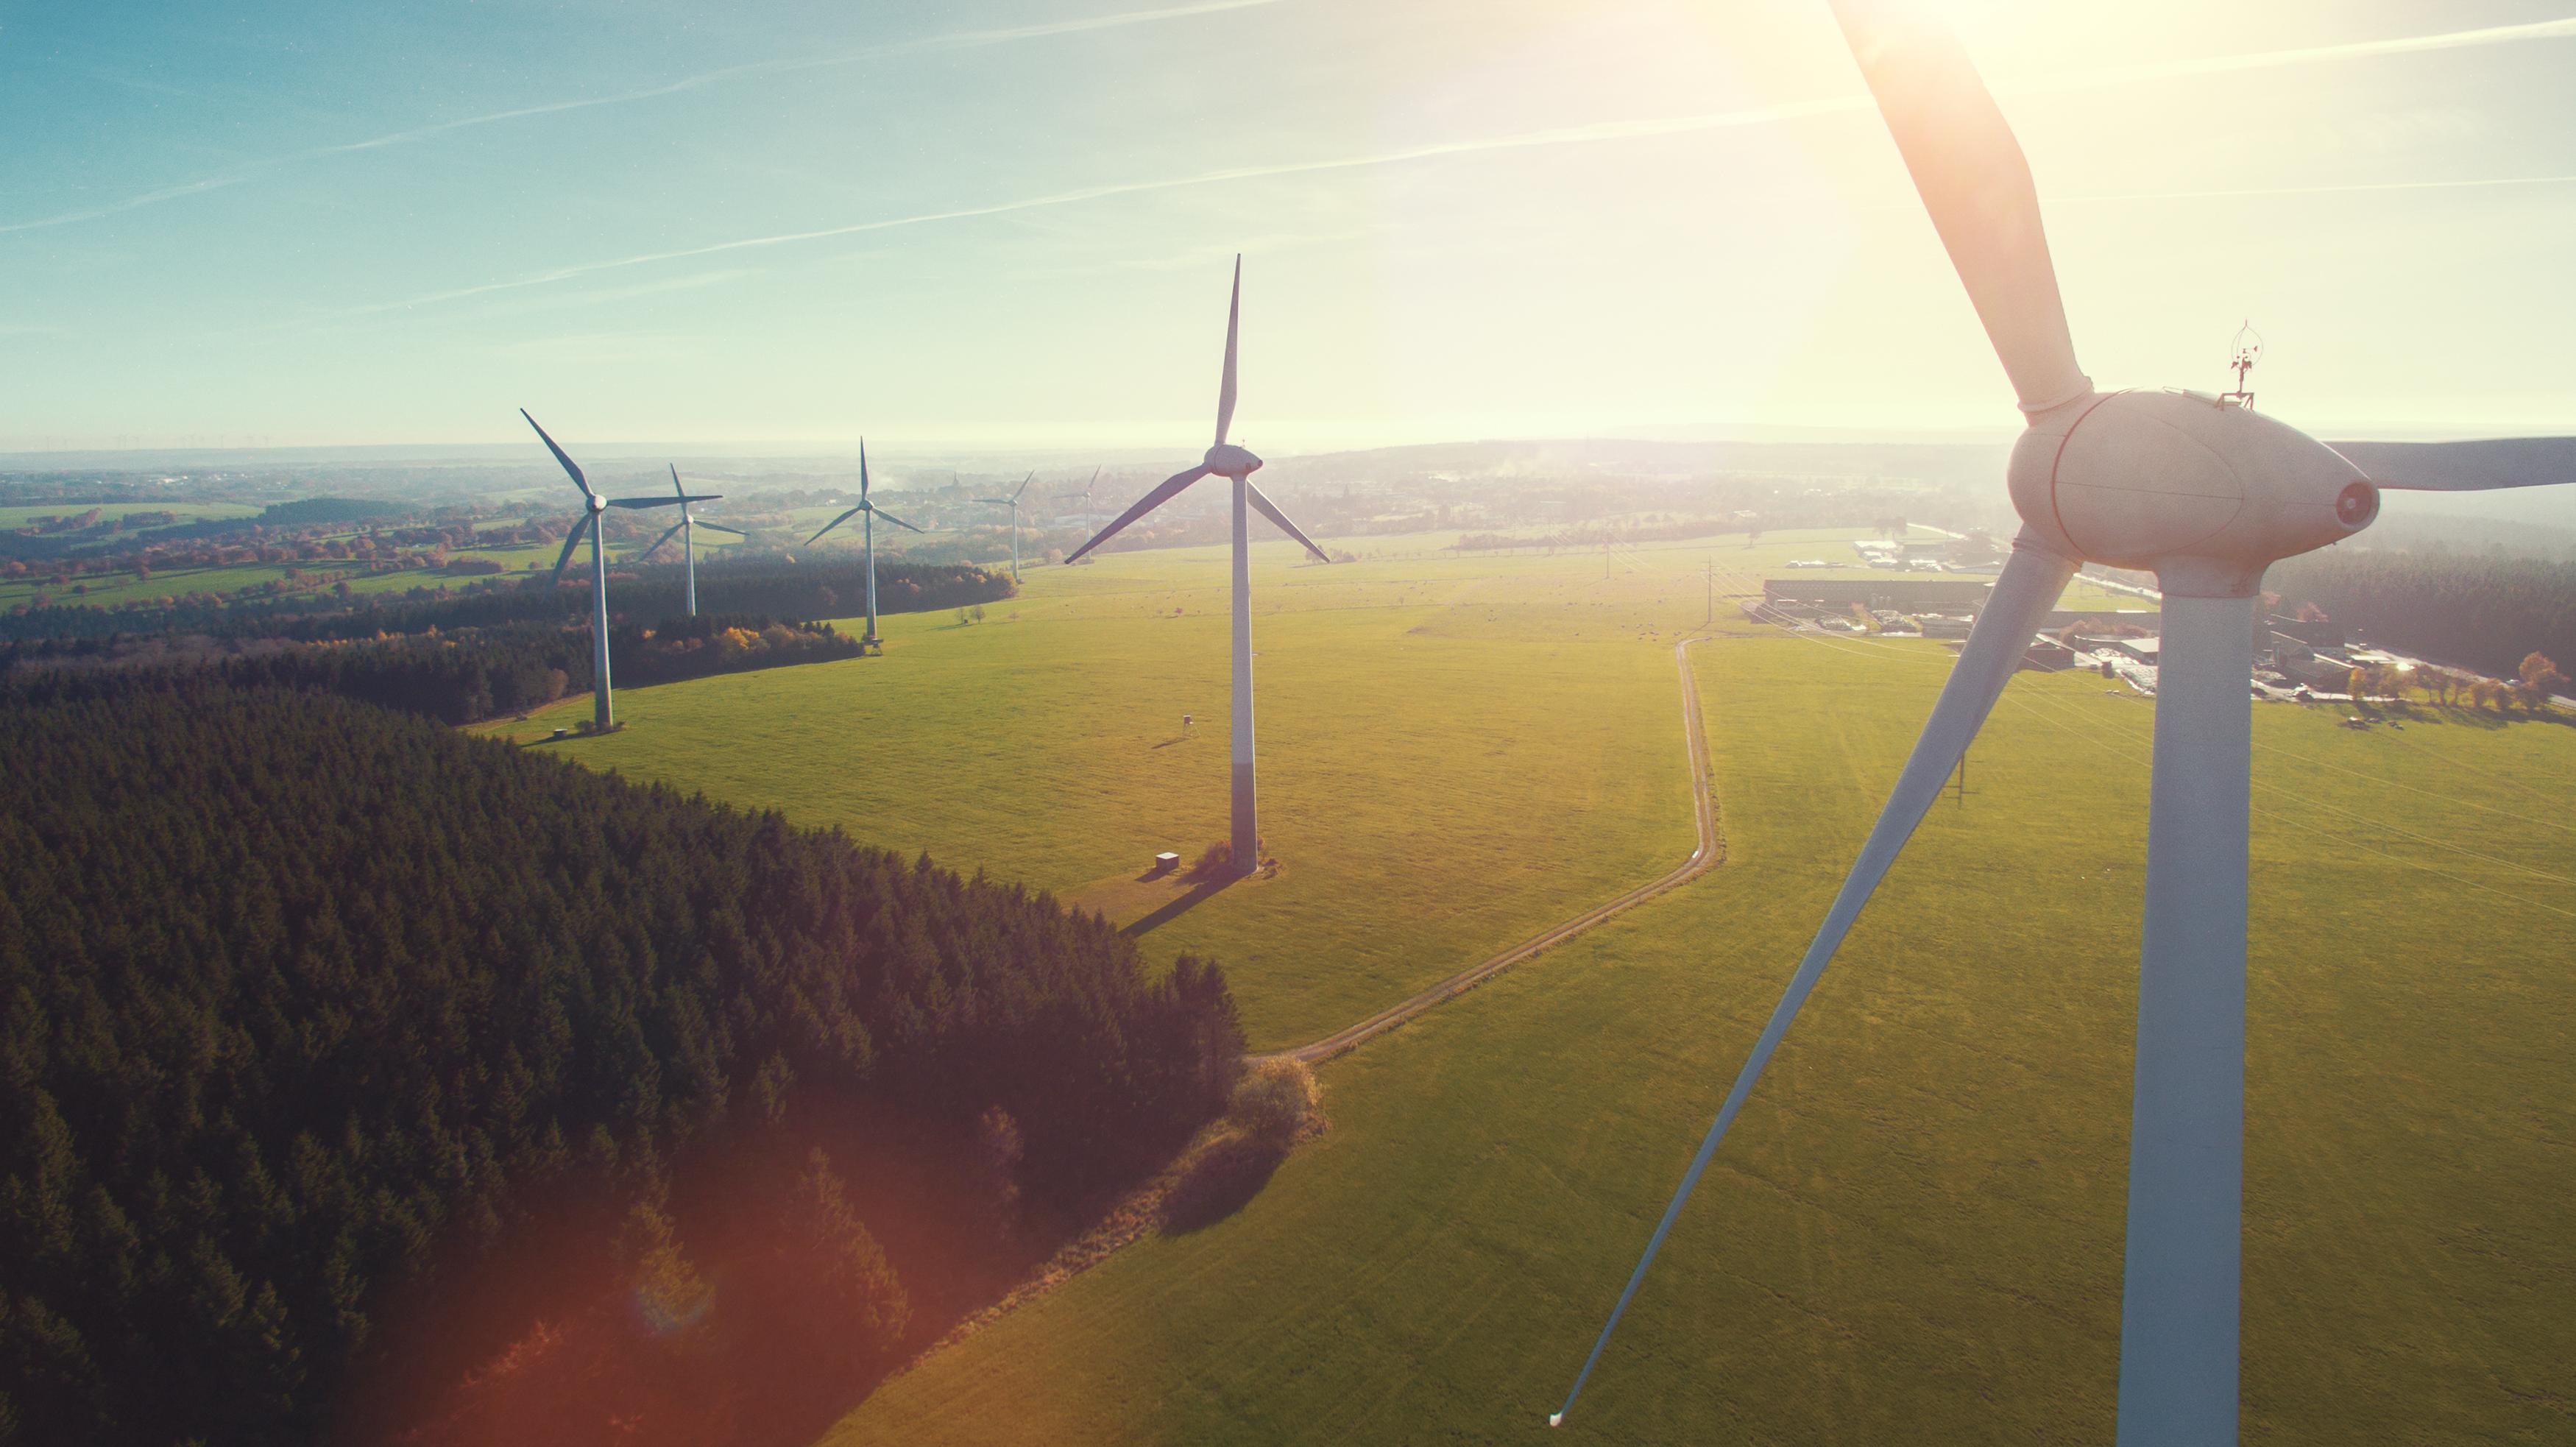 Wind Turbine. Shutterstock